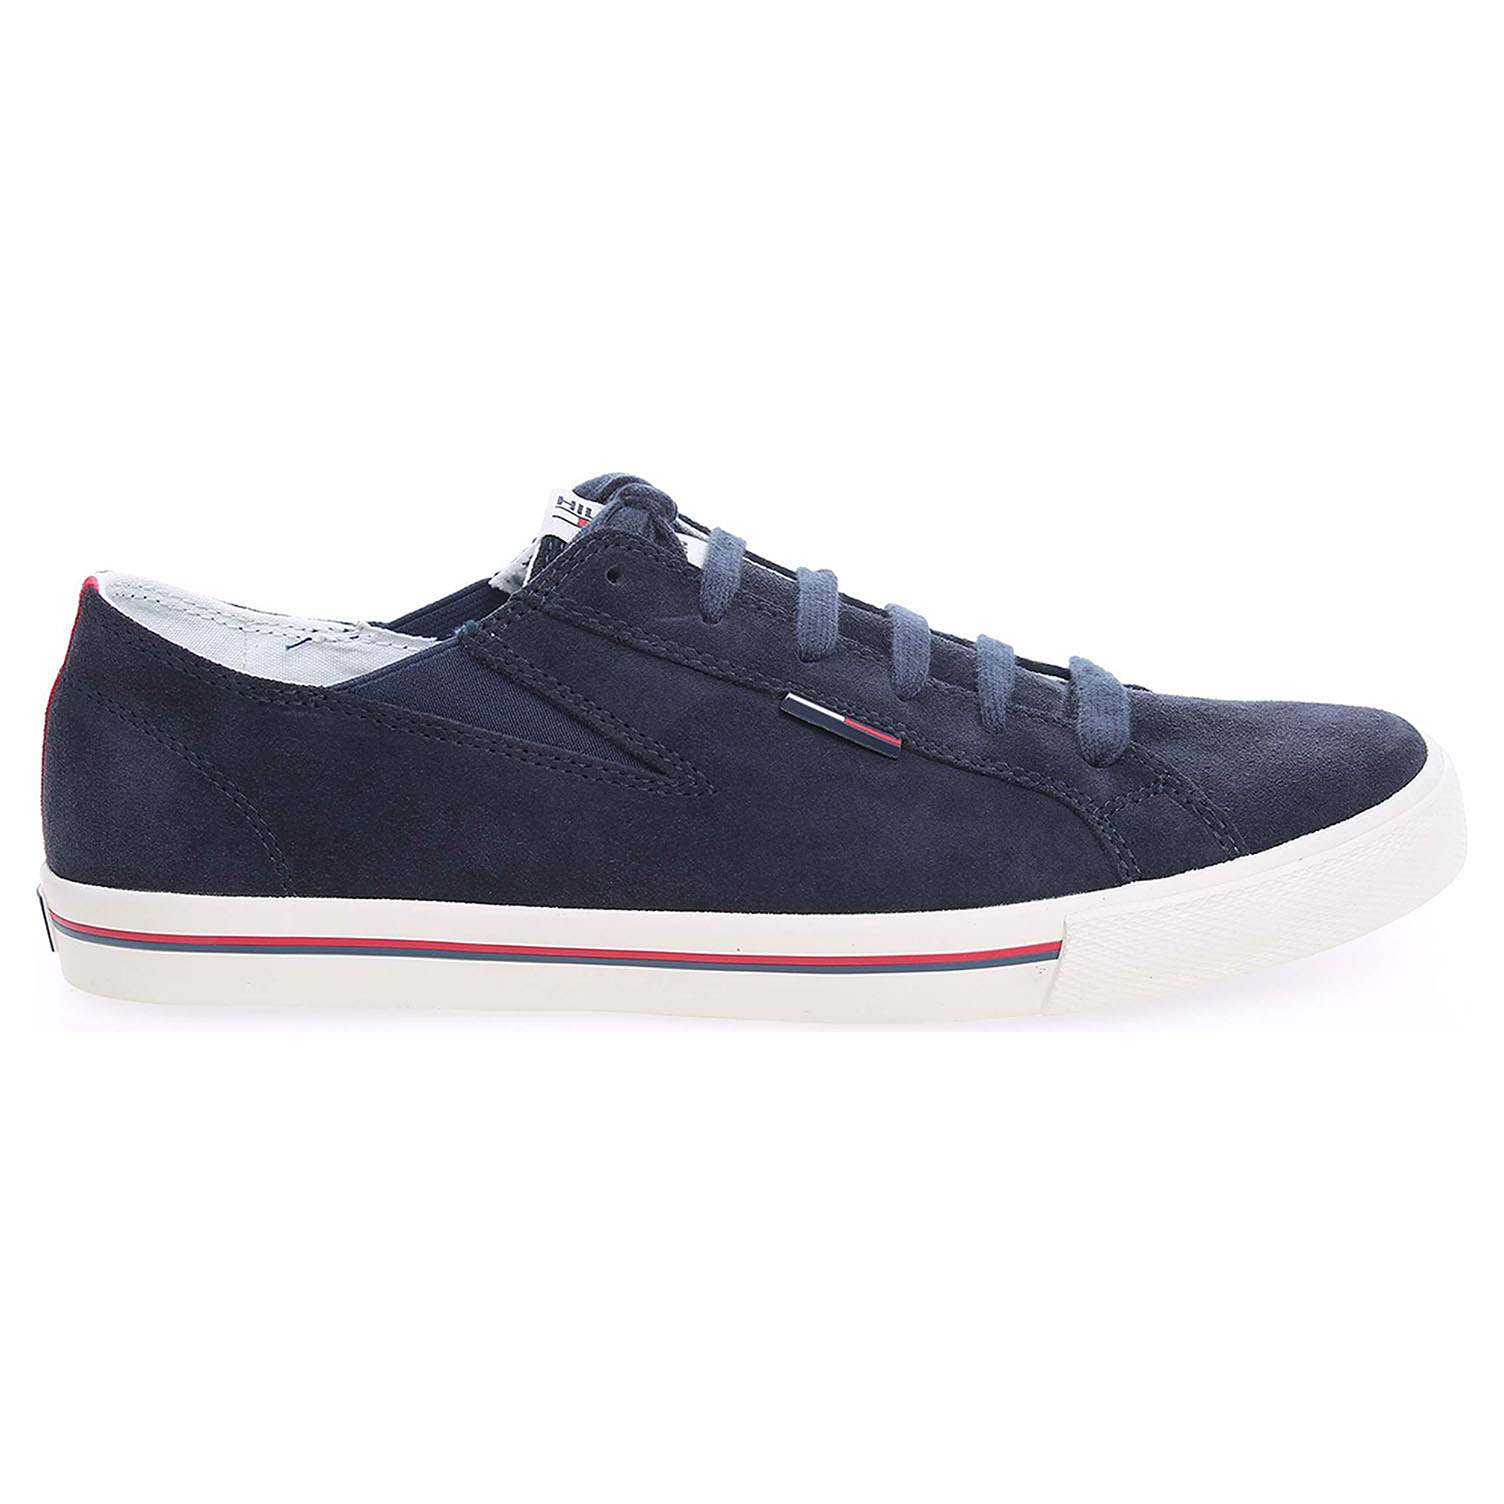 Ecco Tommy Hilfiger pánská obuv EM56820812 V2385ARSITY 4B modrá 24000386